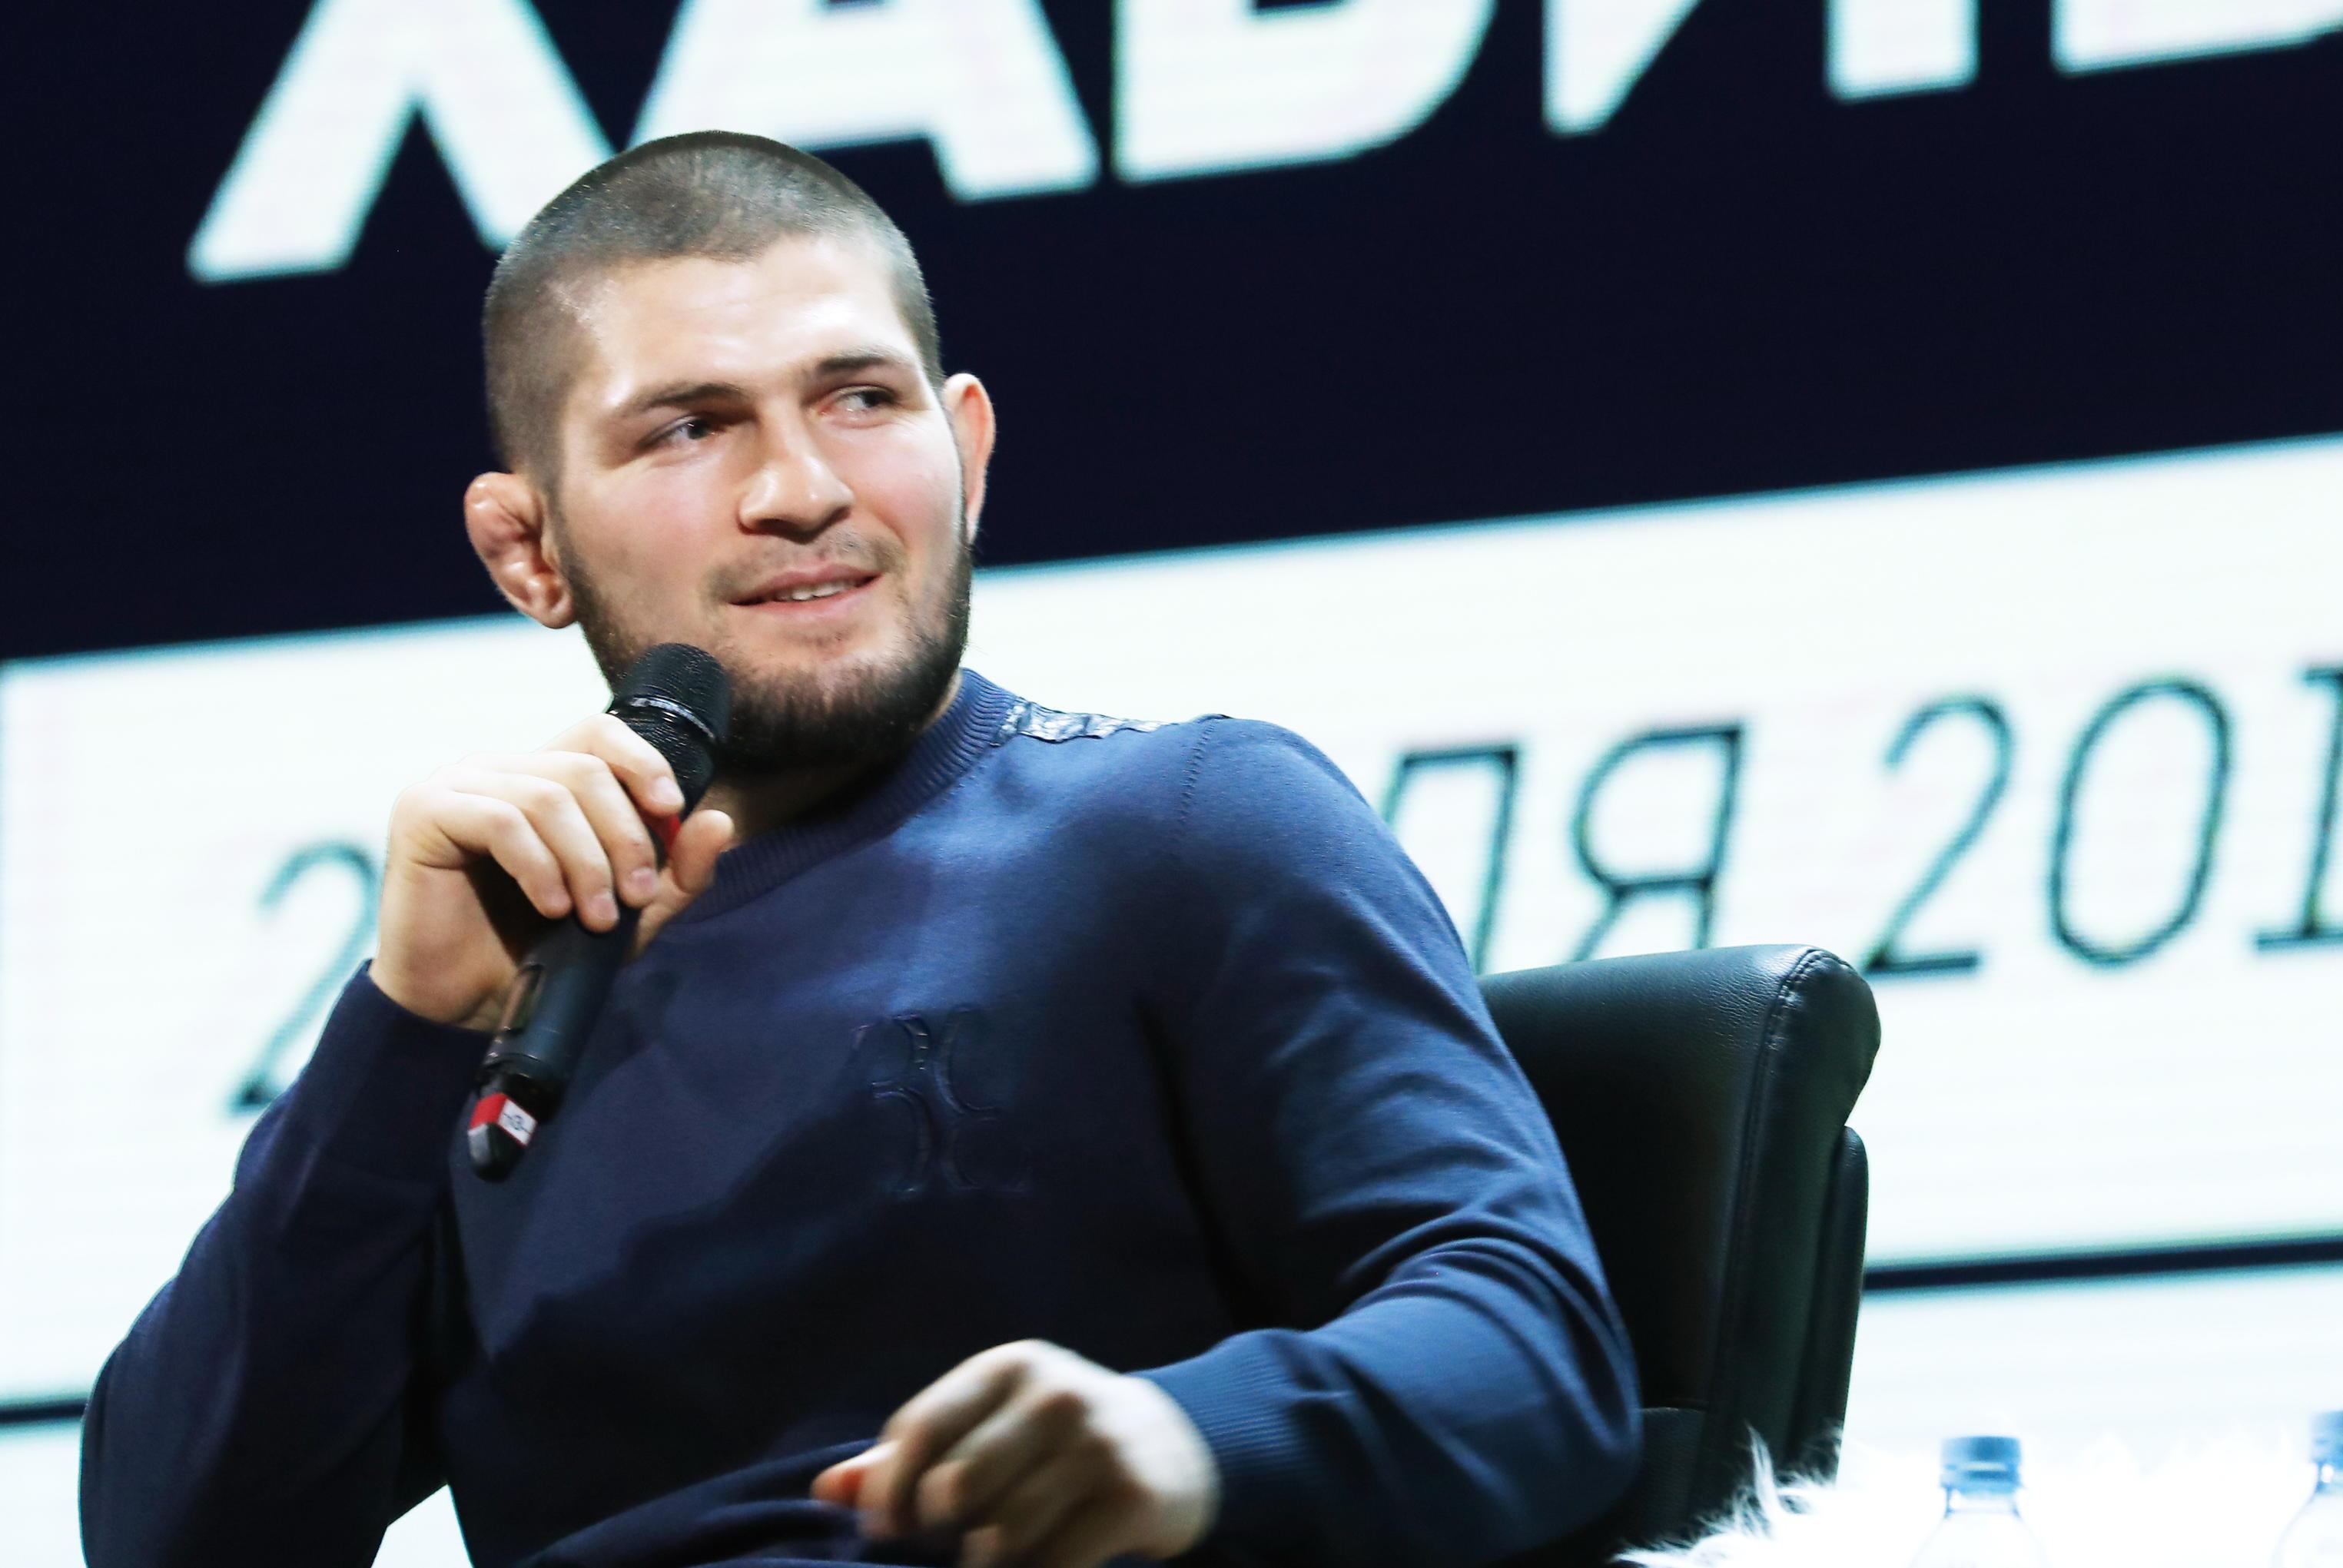 Khabib boasts 27 wins and zero defeats in his MMA career